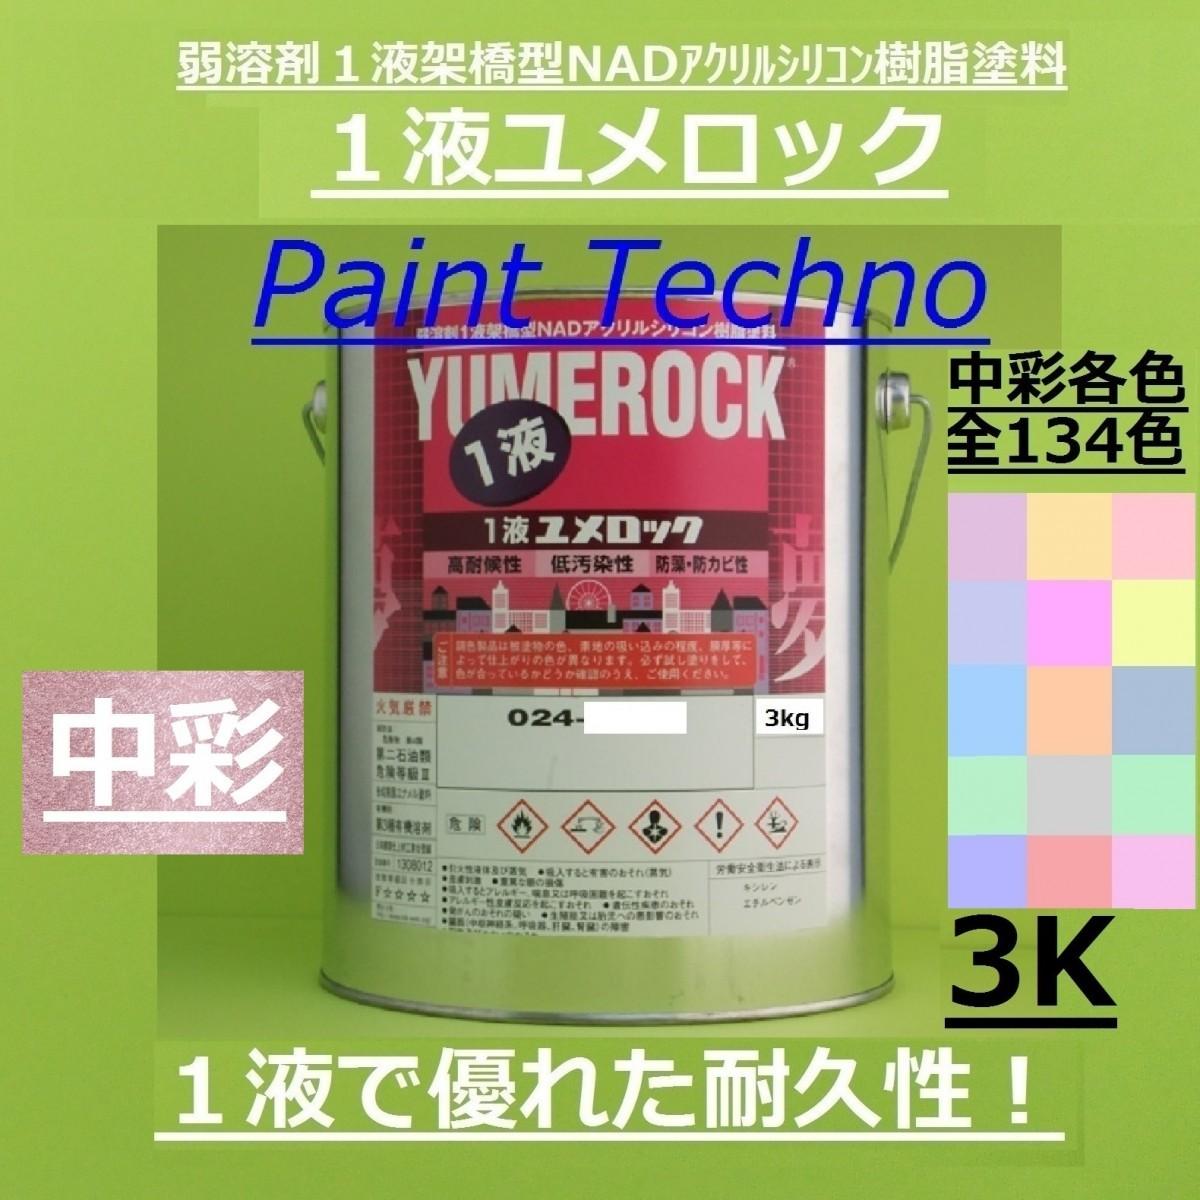 ロックペイント 1液ユメロック 中彩 3kg 塗料 外壁 建築 鉄部 屋根